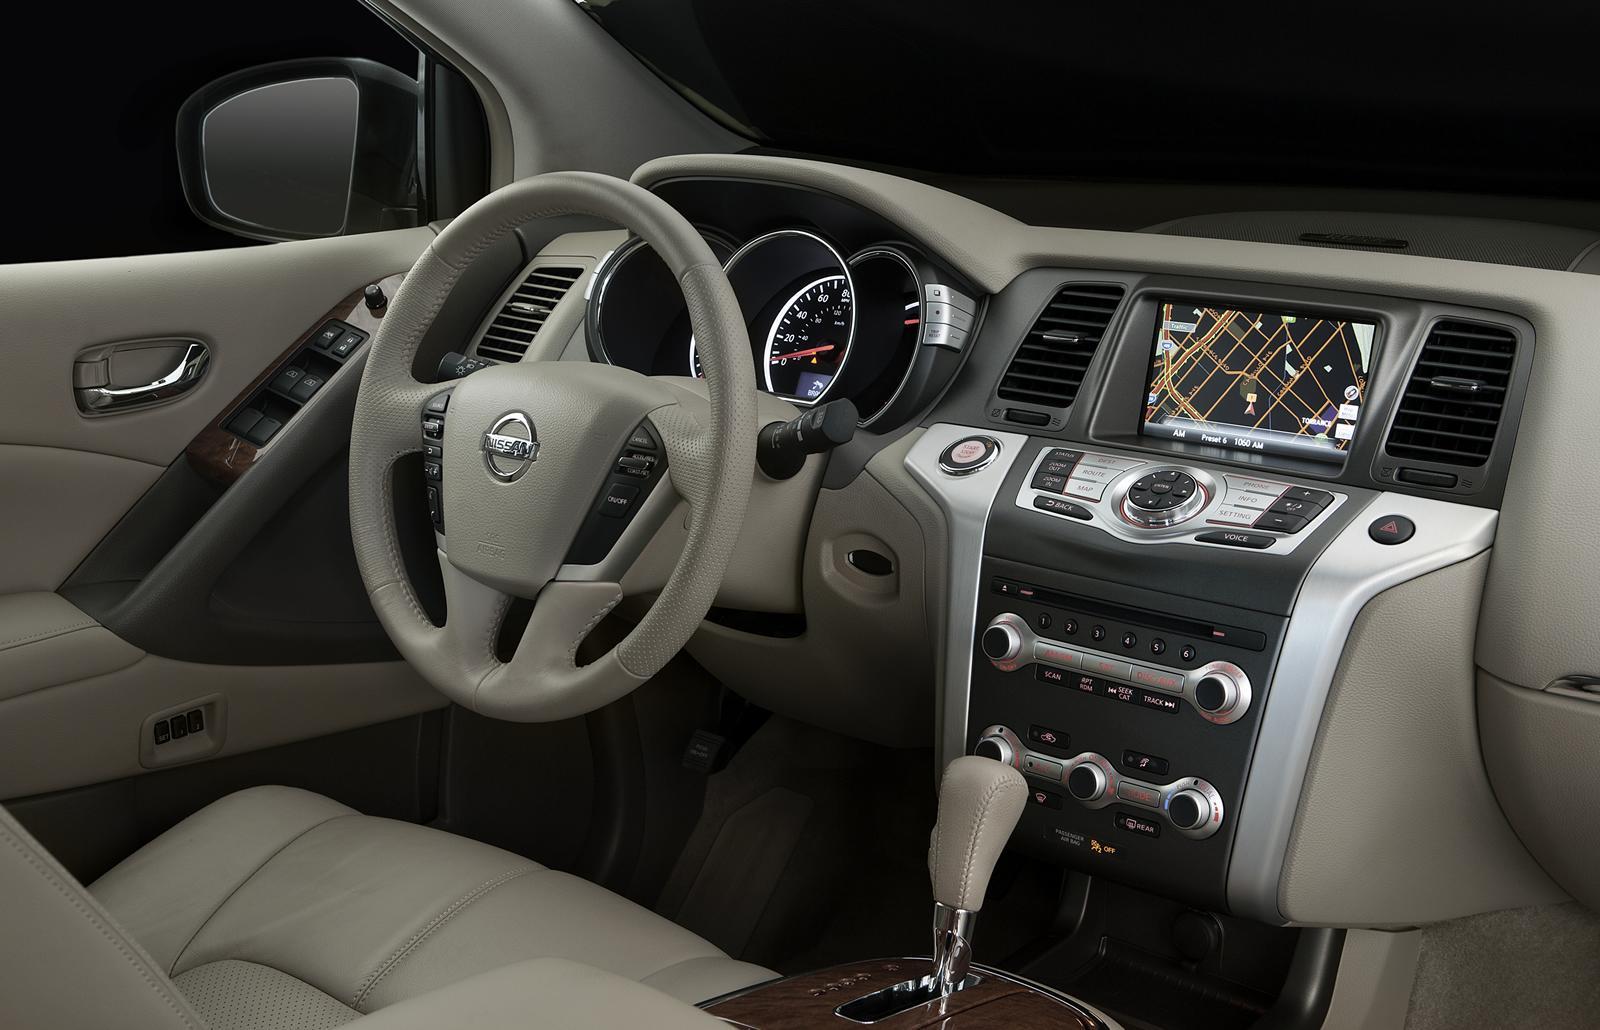 Nissan Murano 2011 интерьер